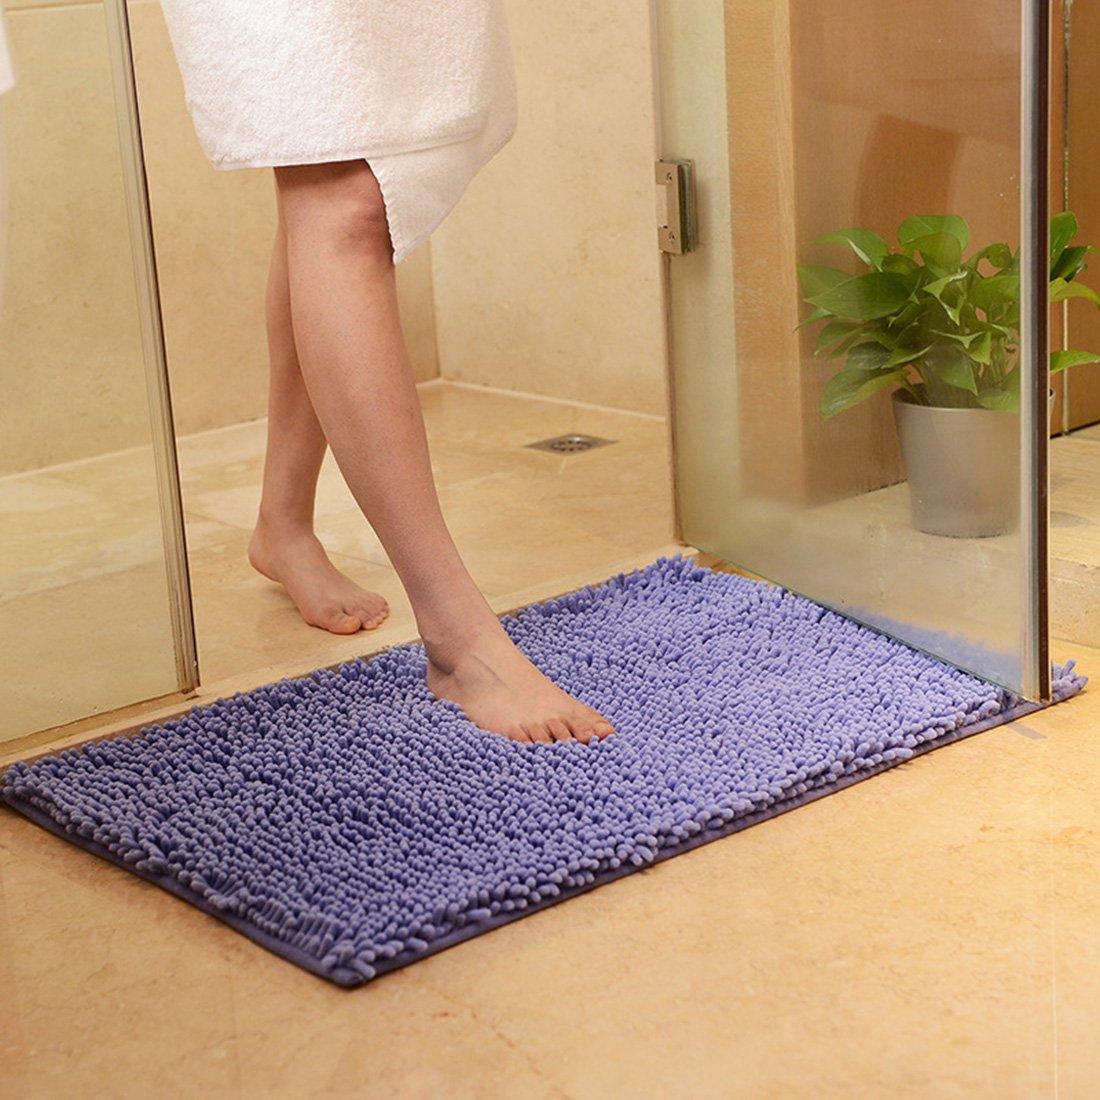 JTENGYAO Non-slip chenille fabric Shag Bathroom Mat, 17.7 x 27.5-Inches